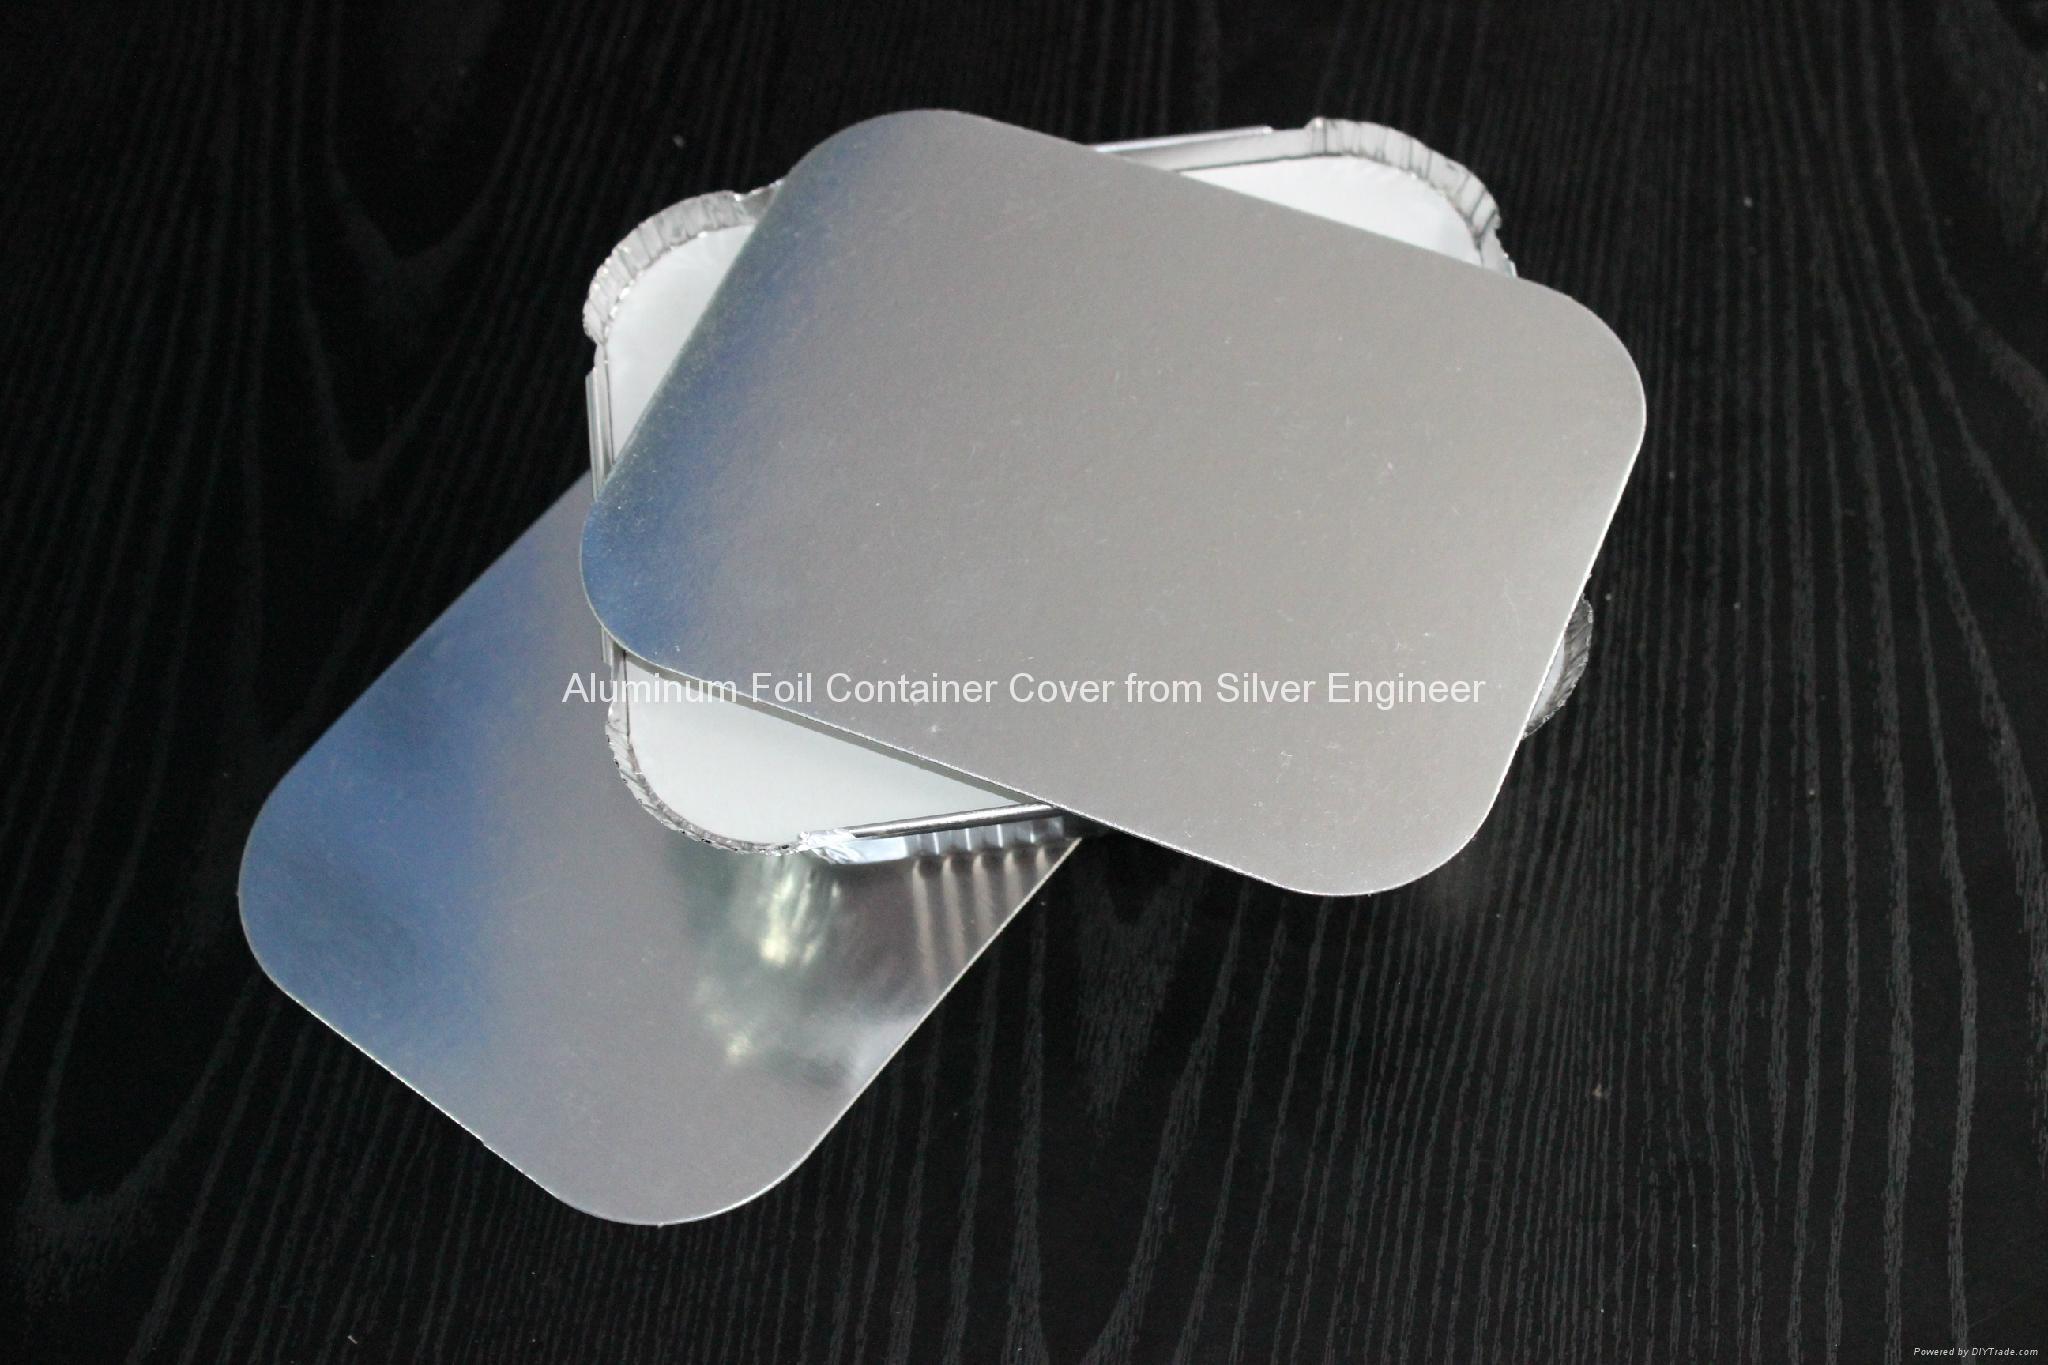 铝箔餐盒纸盖 6